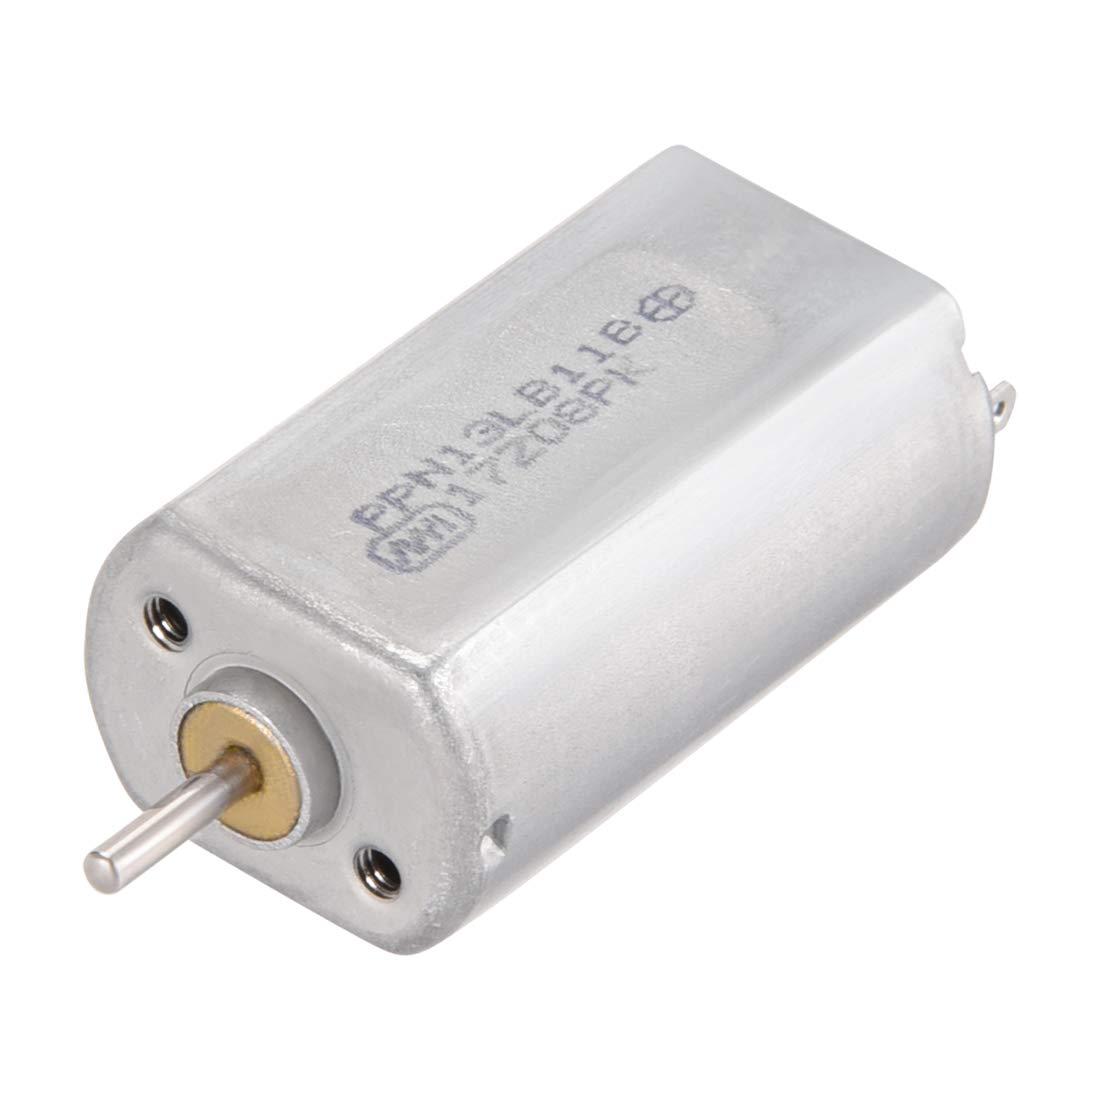 sourcing map DC Motor 3 6v 0.25a Eje el/éctrico del Motor el/éctrico para RC Barco Juguetes DIY Aficionado 2 unids